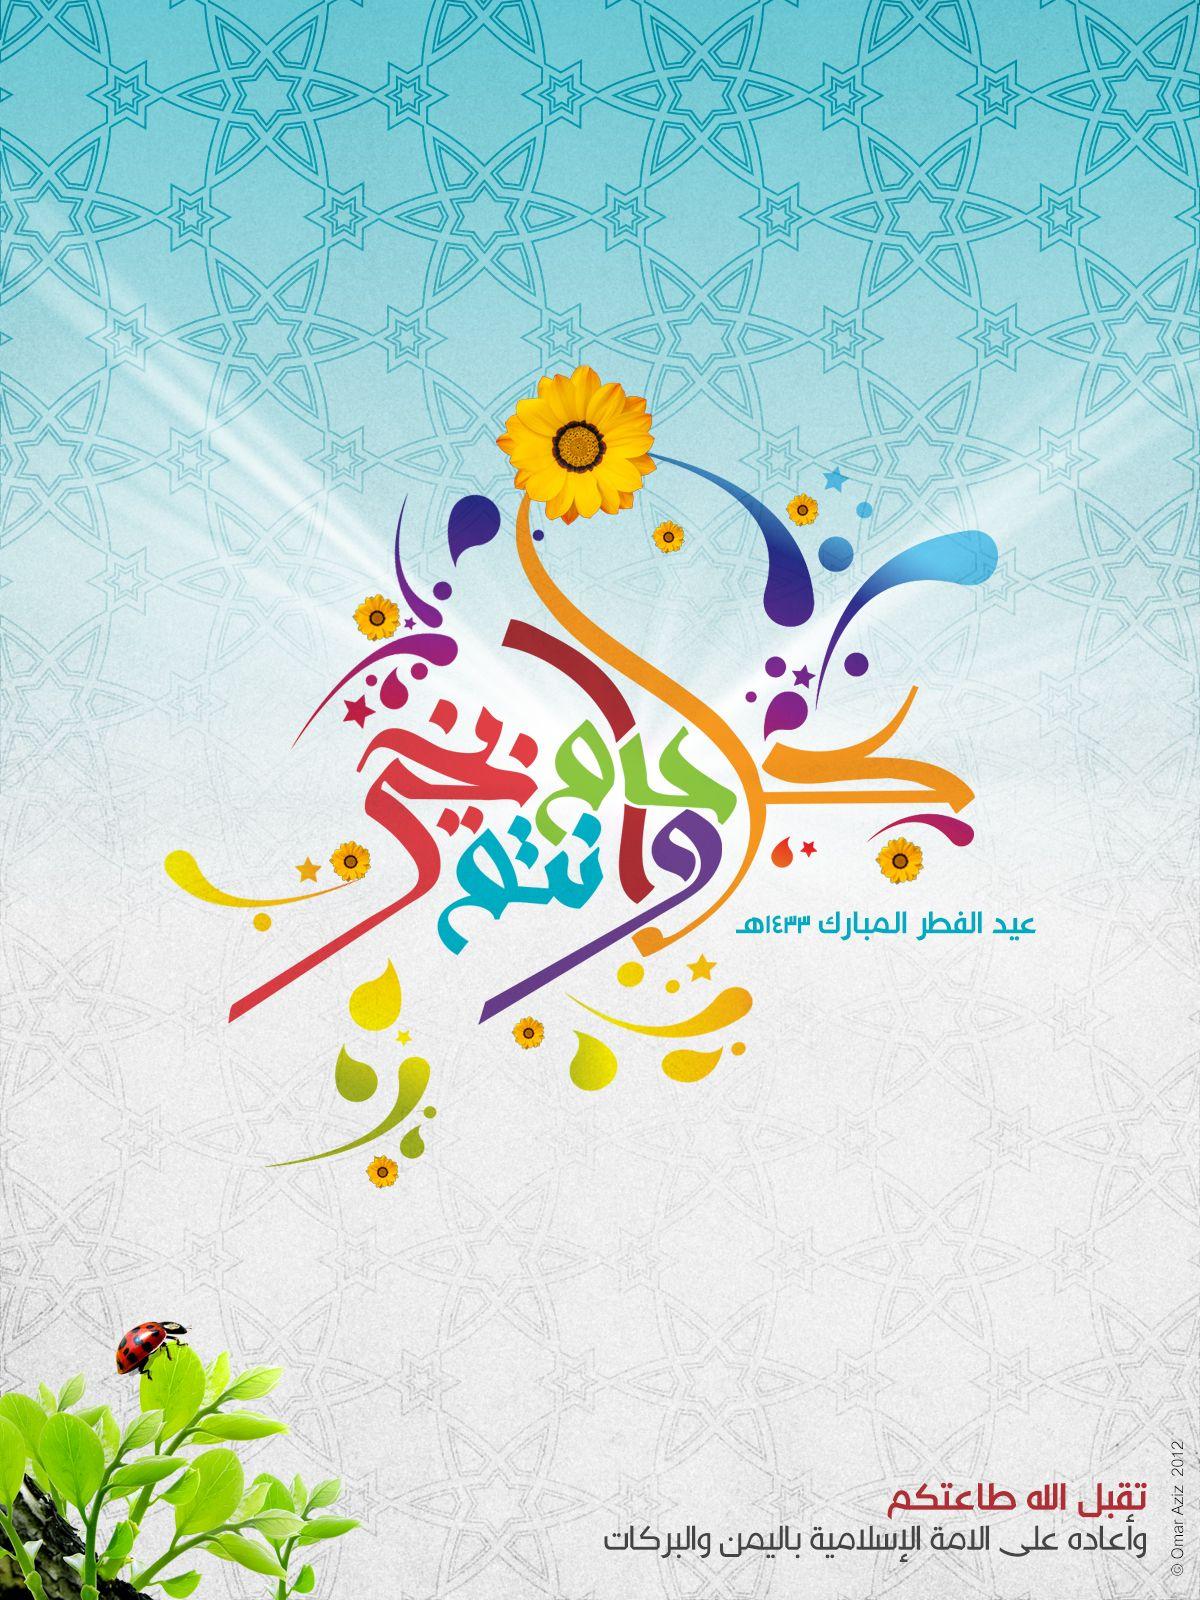 كل عام وانتم بخير رفيع فوتو المصمم الفوتوغرافي عمر عبدالعزيز Hippie Rainbow Eid Cards Calligraphy Art